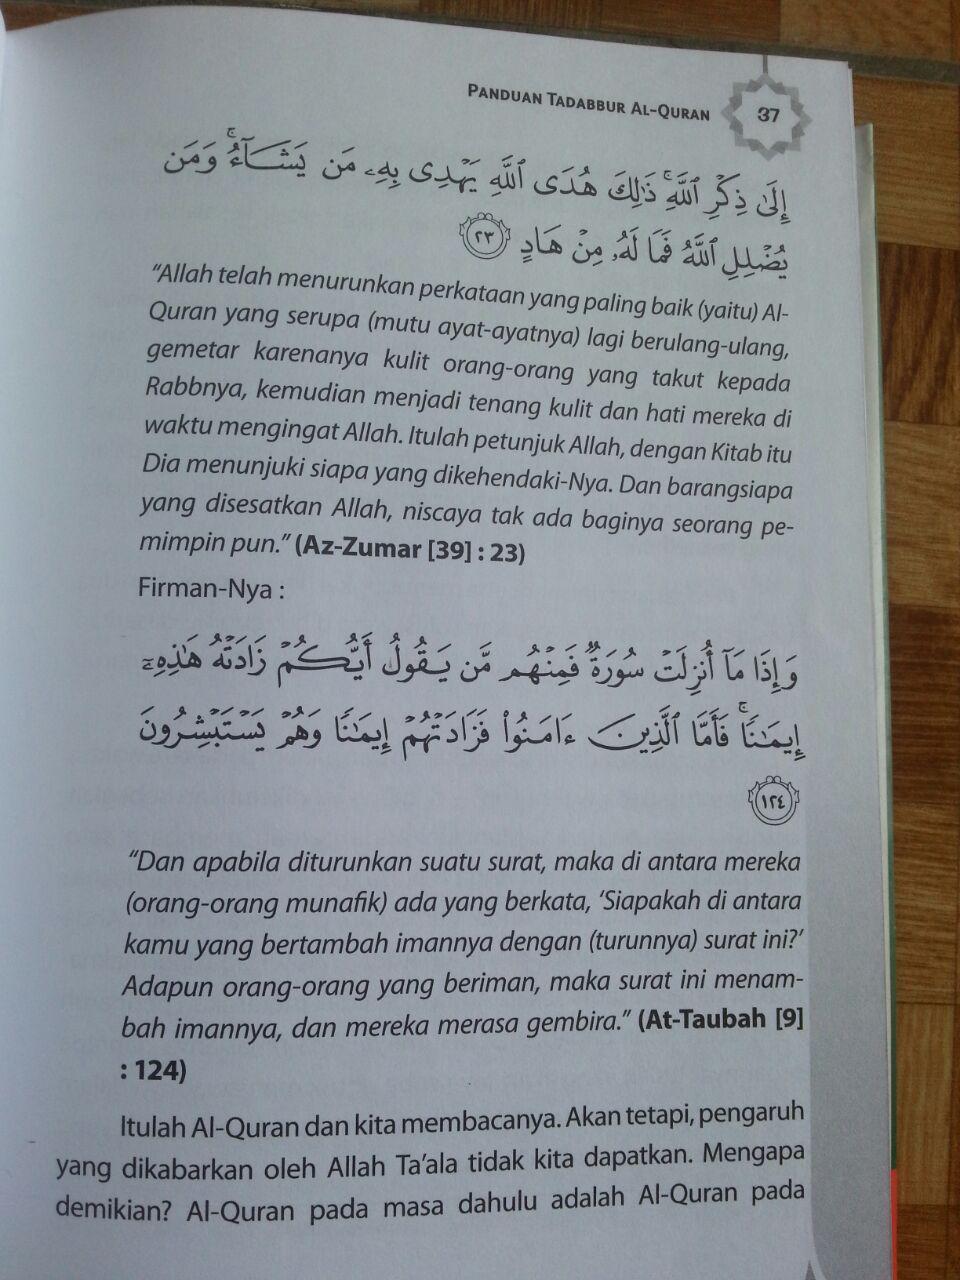 Buku Panduan Tadabbur Al-Quran isi 3